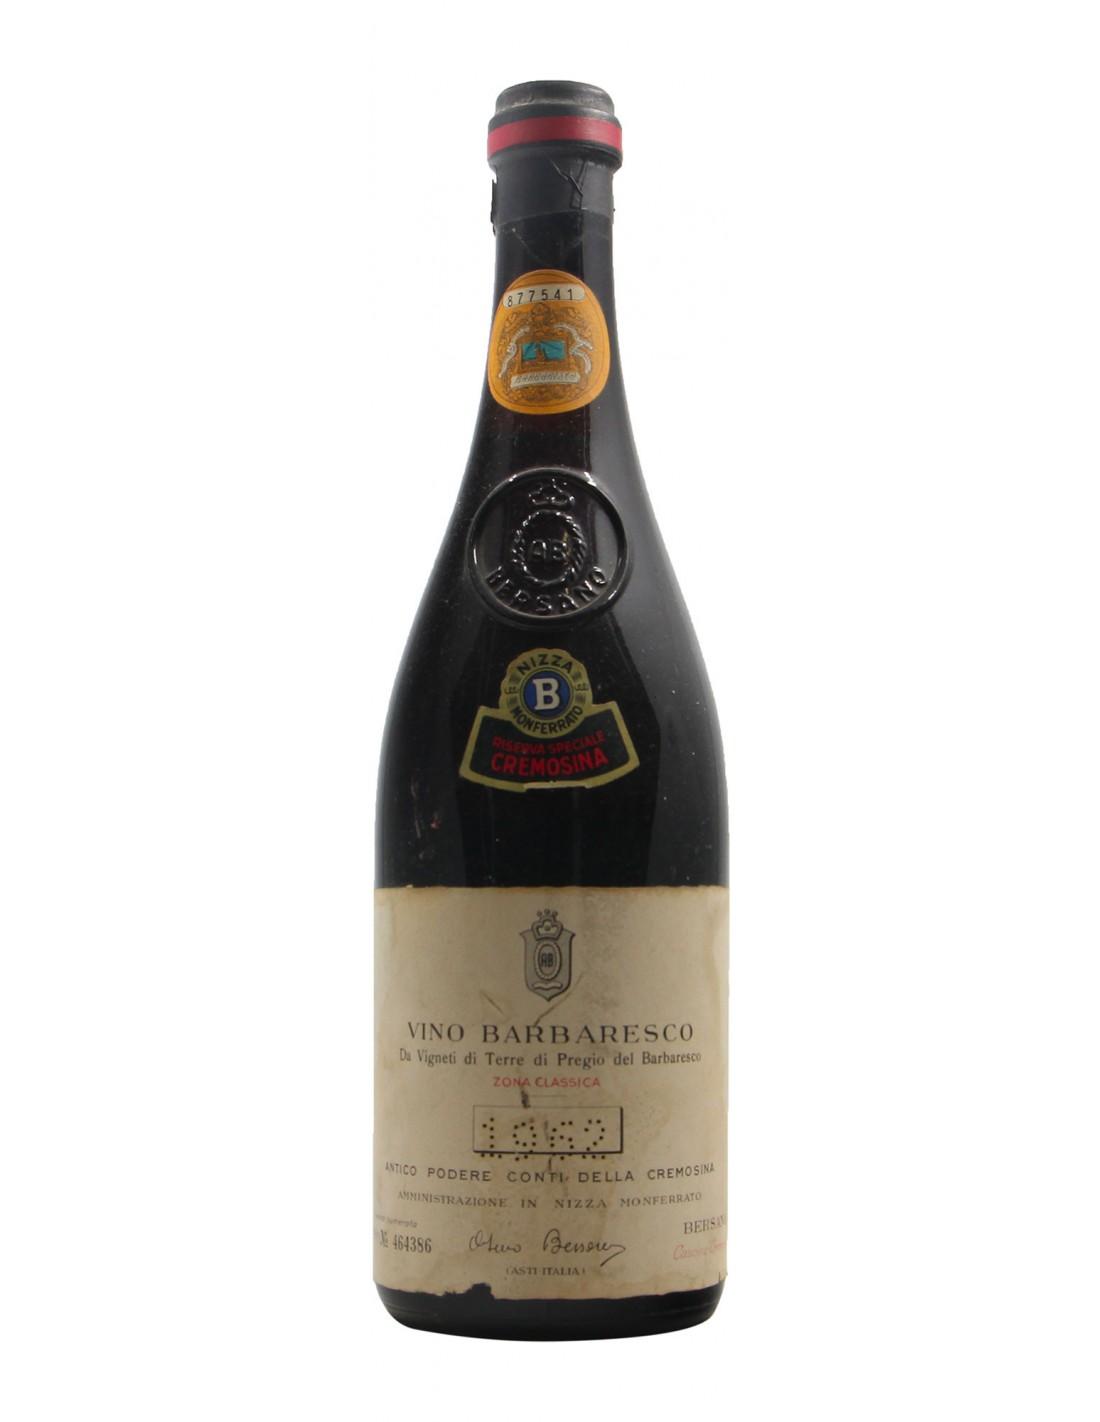 BARBARESCO RISERVA DELLA CREMOSINA 1962 BERSANO Grandi Bottiglie